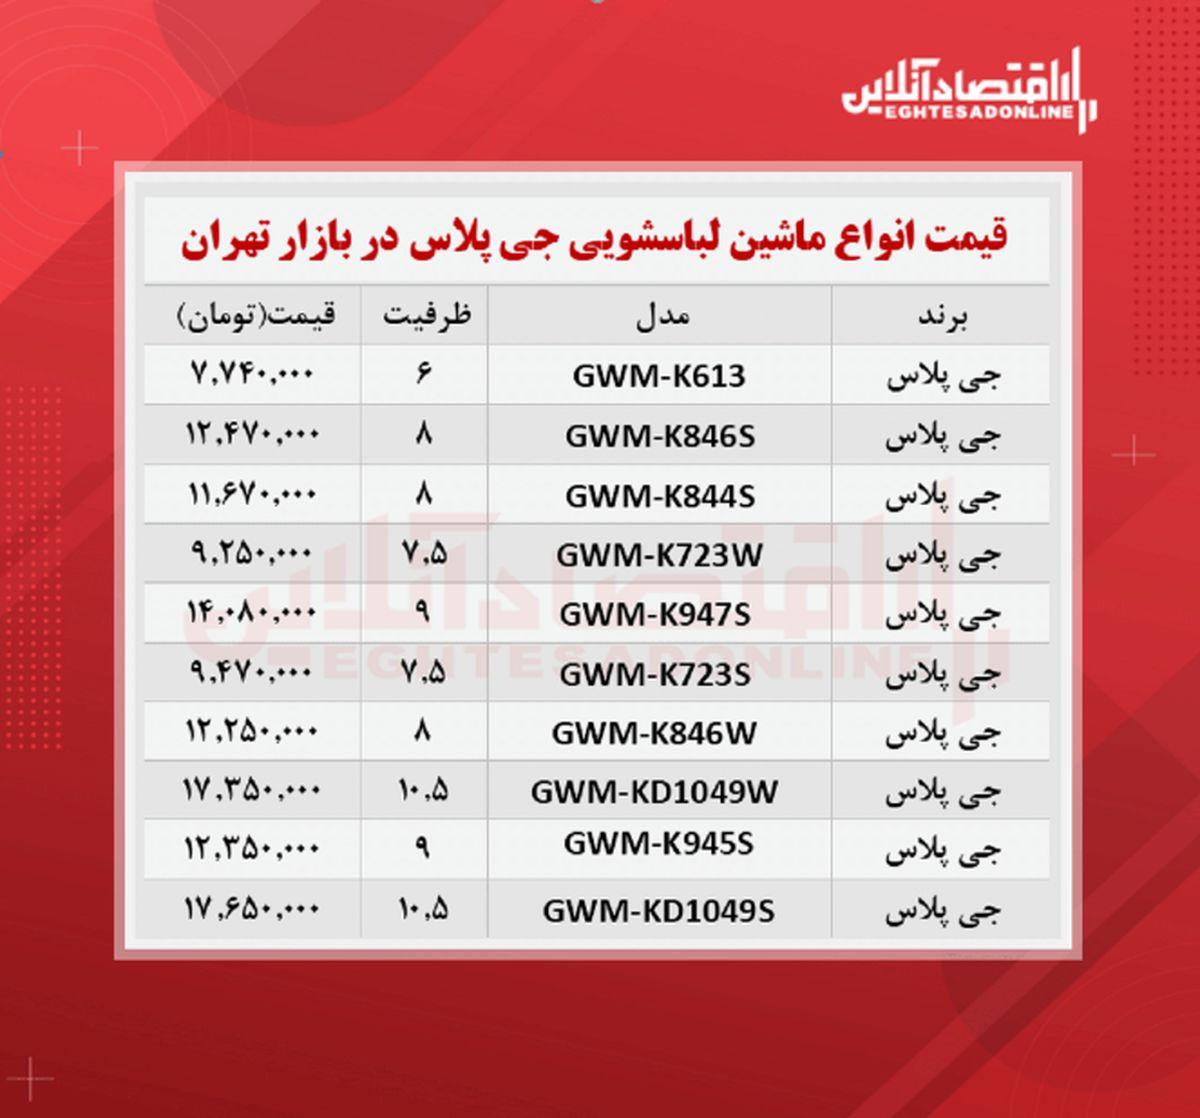 قیمت جدید ماشین لباسشویی جی پلاس (۱۴۰۰/۶/۲۰)